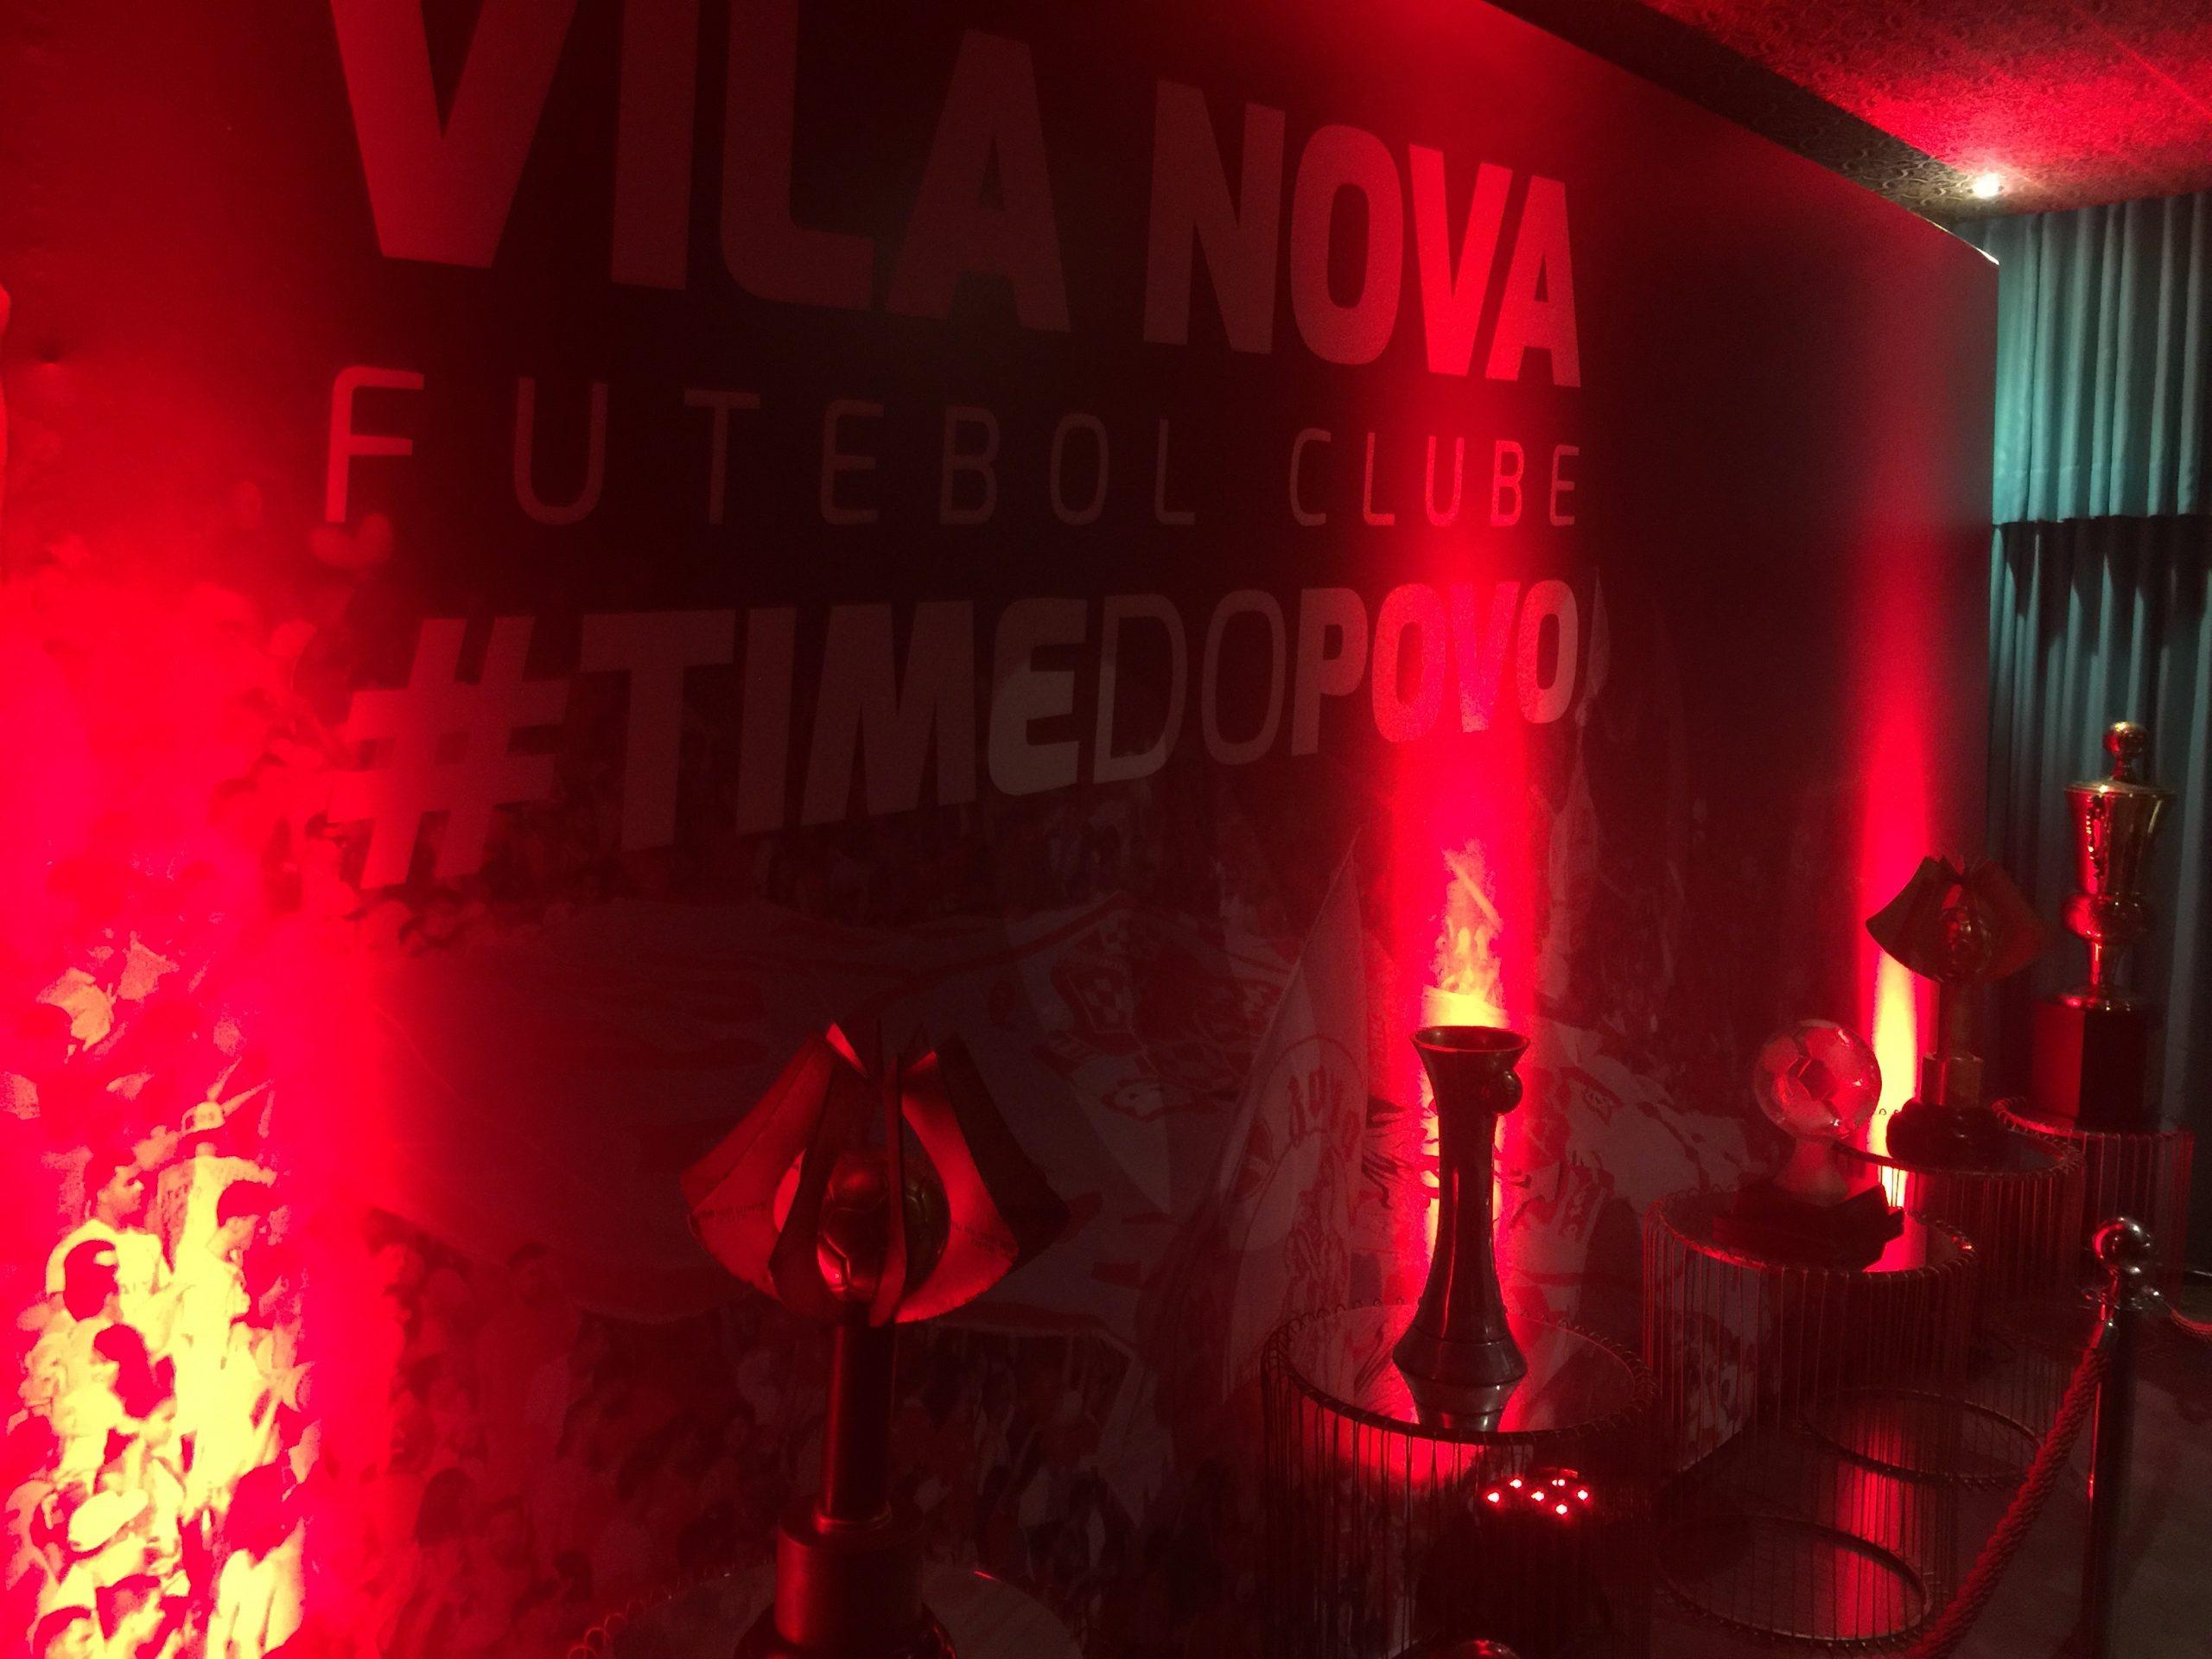 Galeria de troféus do Vila (entrada)